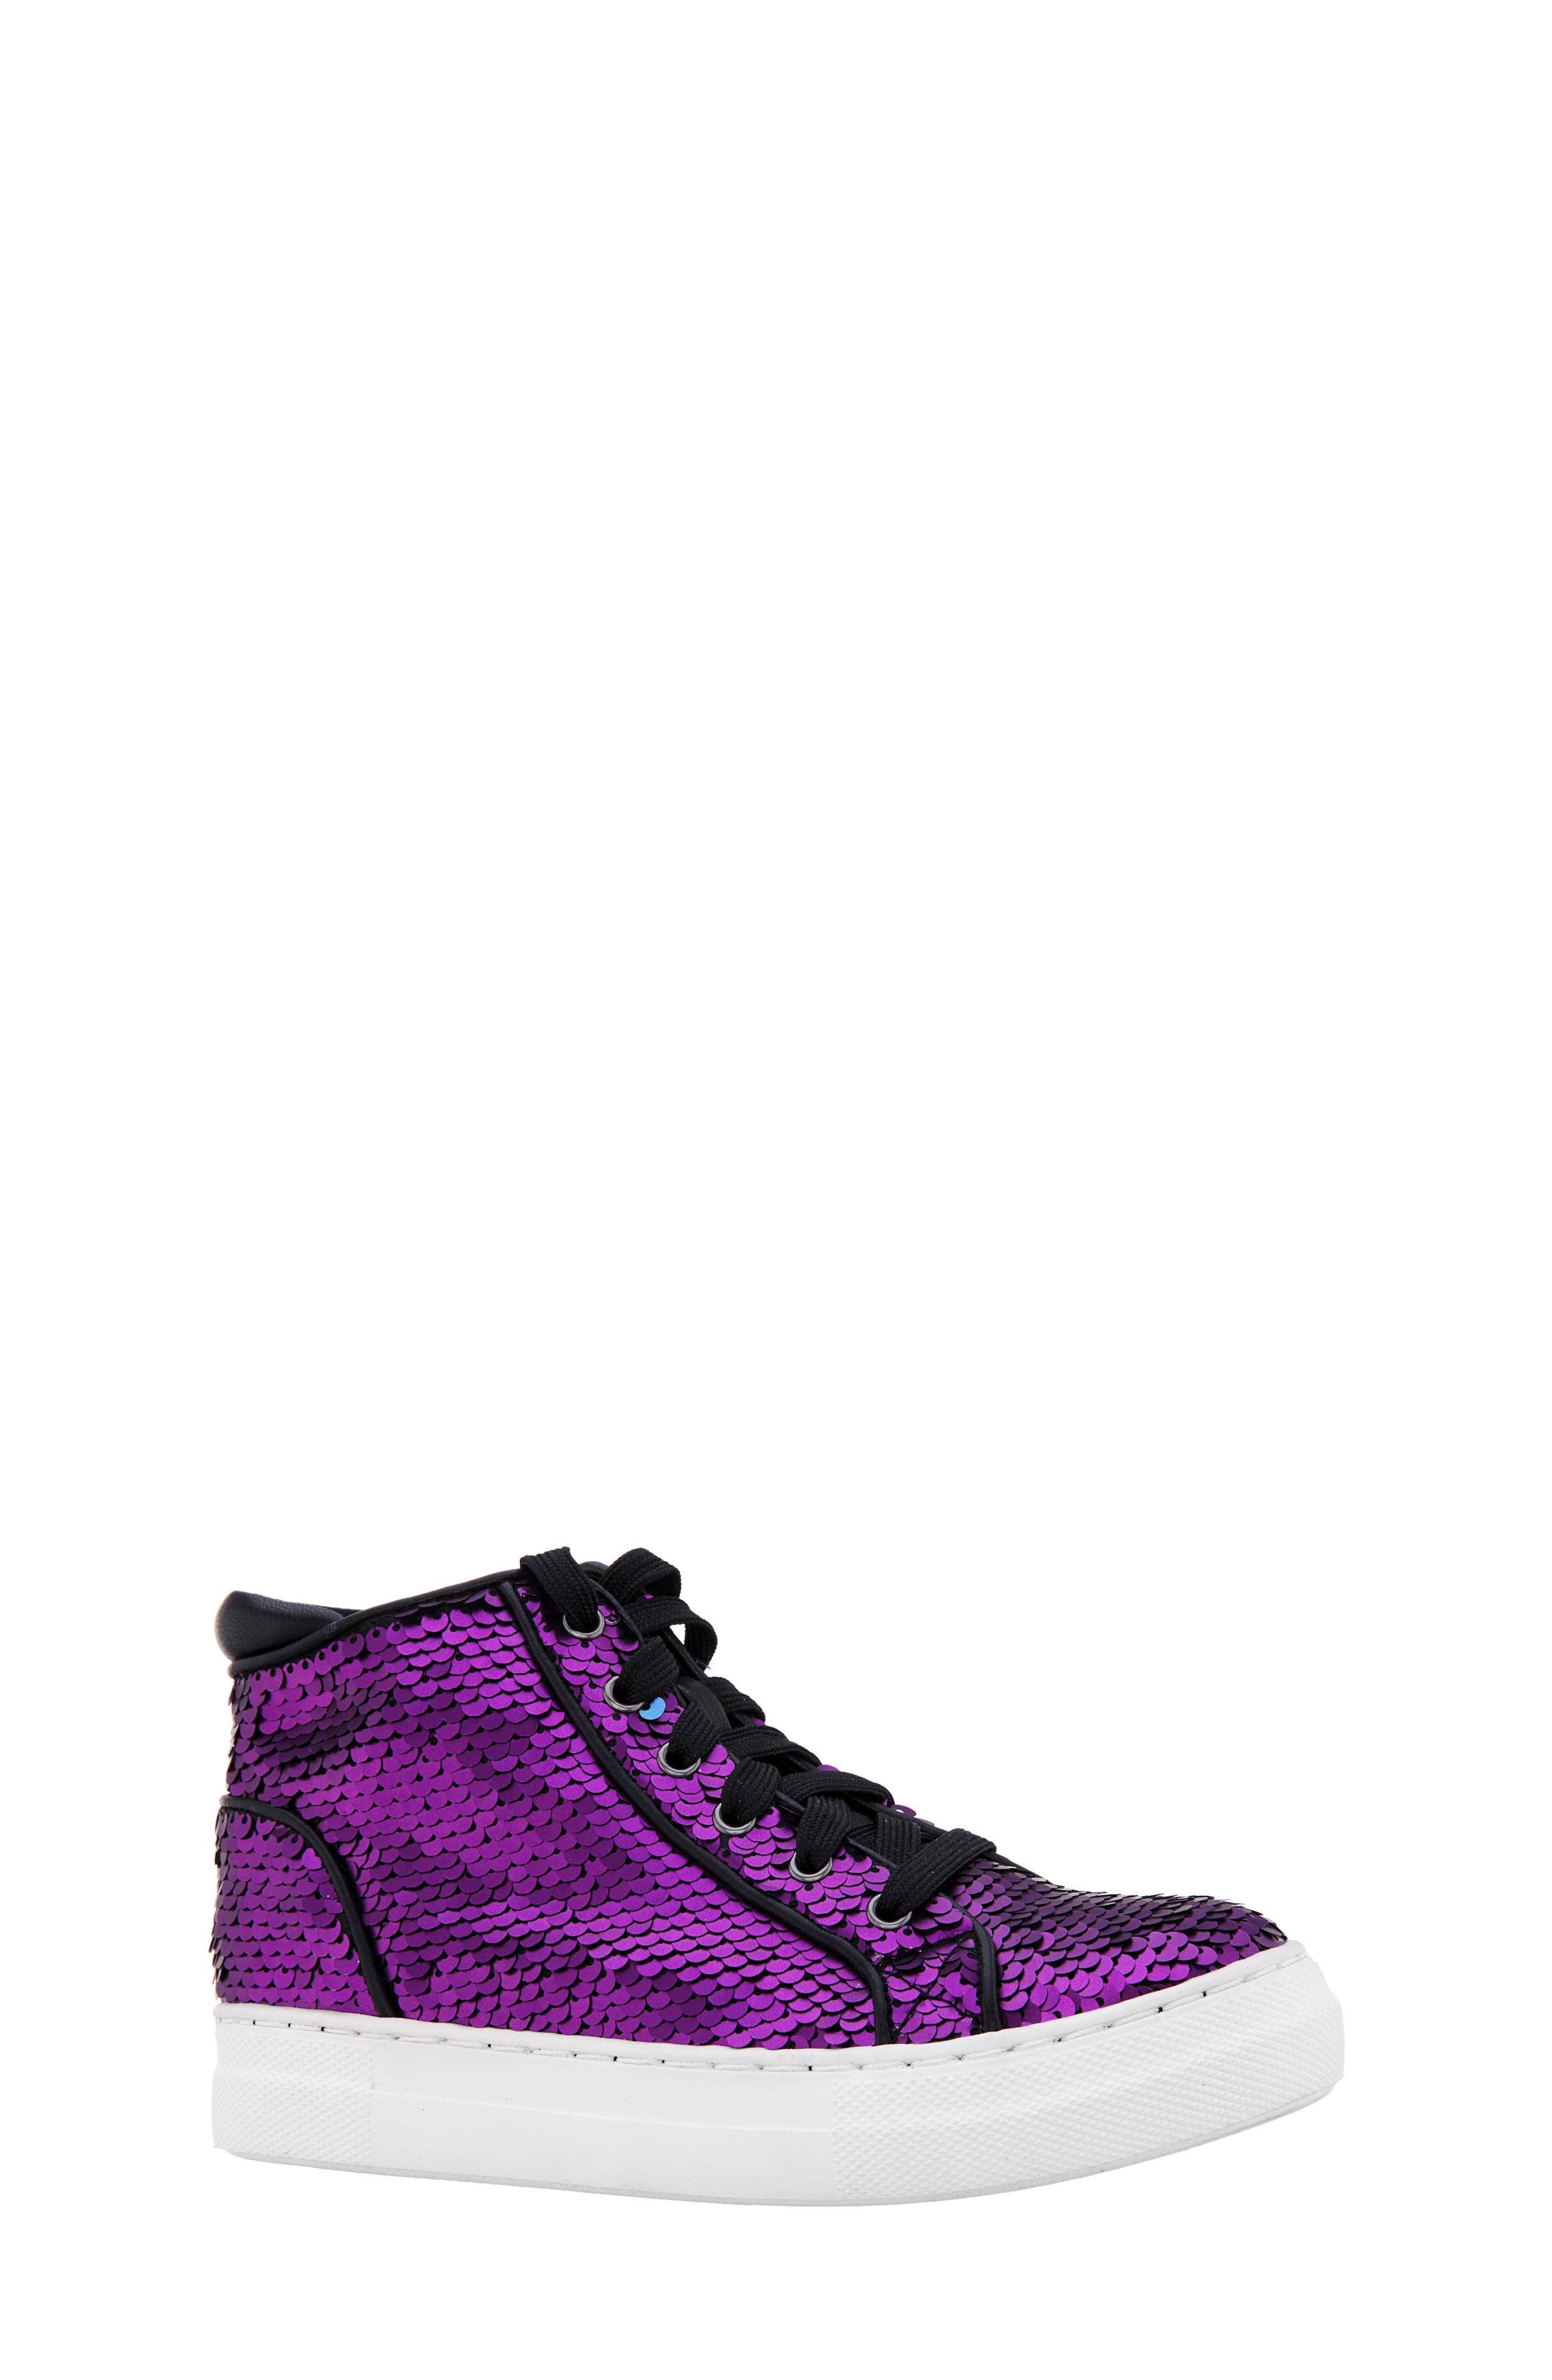 Girls Nina Caroleen Reversible Sequin High Top Sneaker Size 2 M  Purple